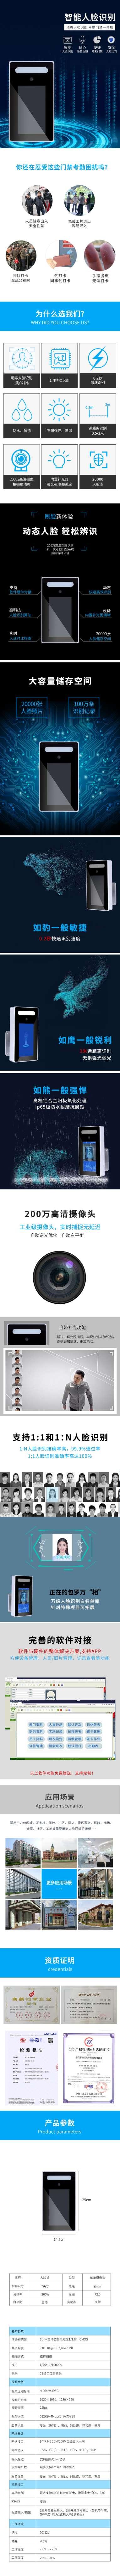 人脸识别机挂壁式2020-790.jpg